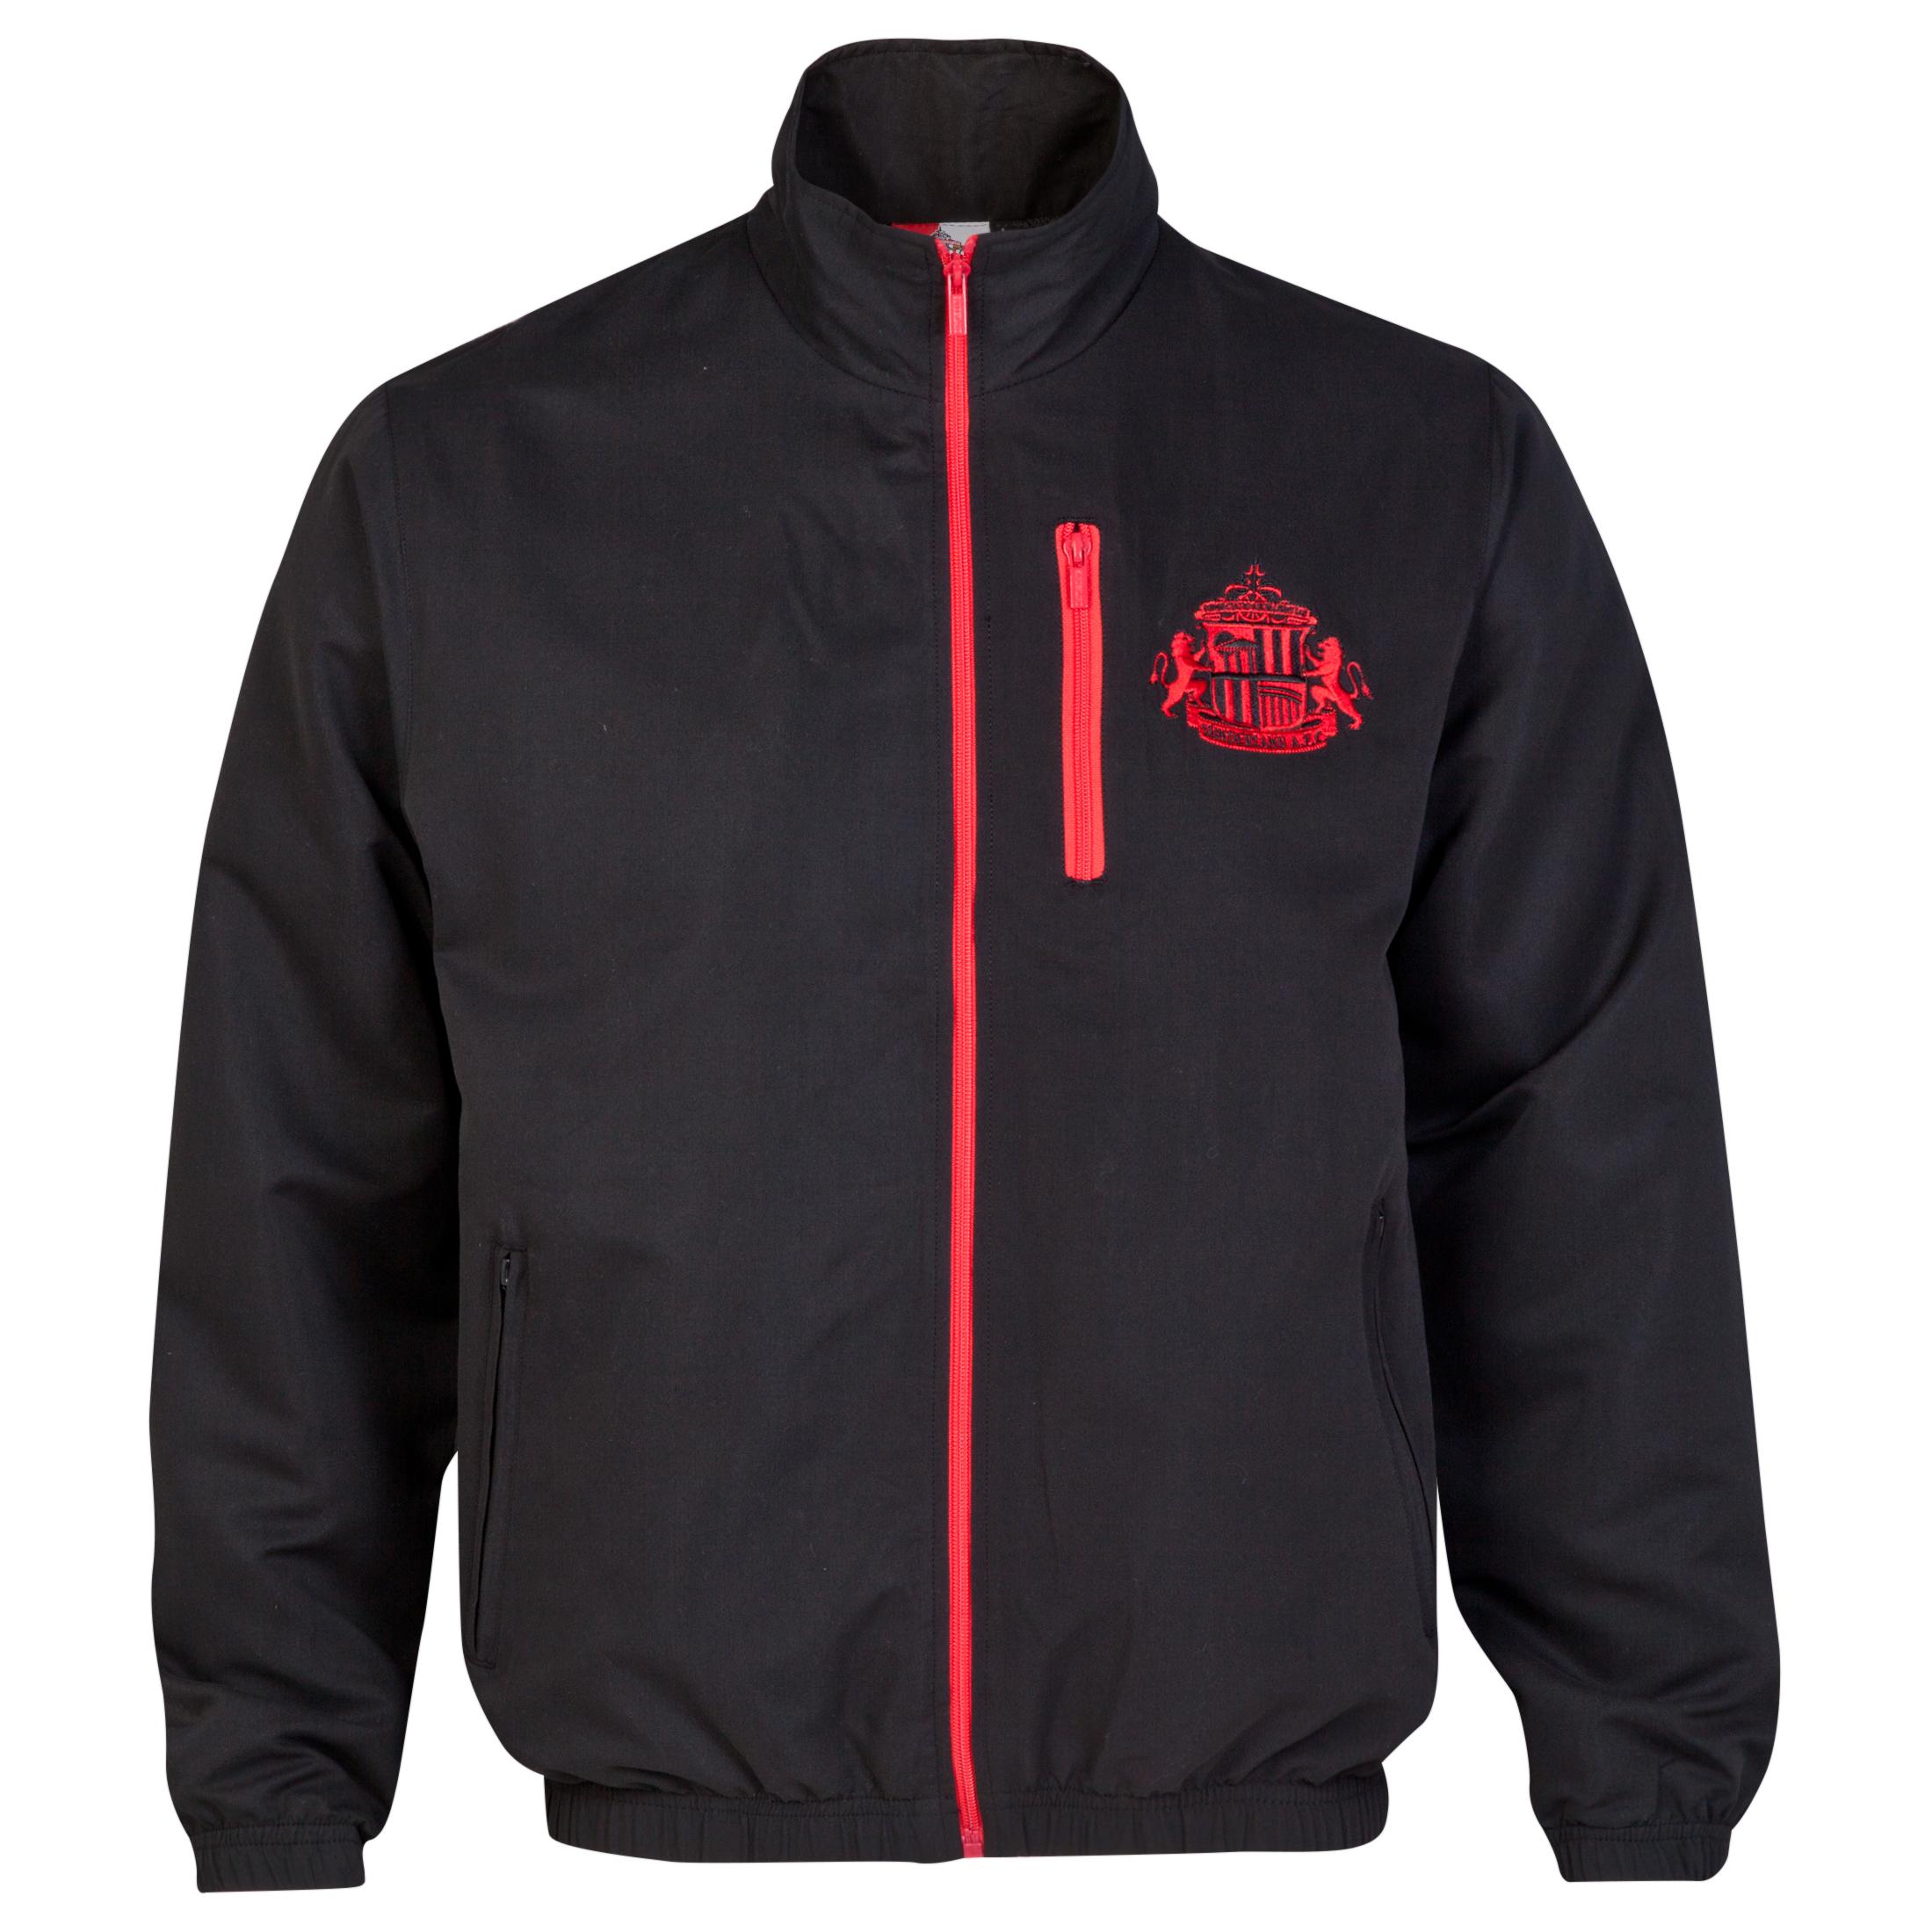 Sunderland Essential Track Jacket - Black - Older Boys